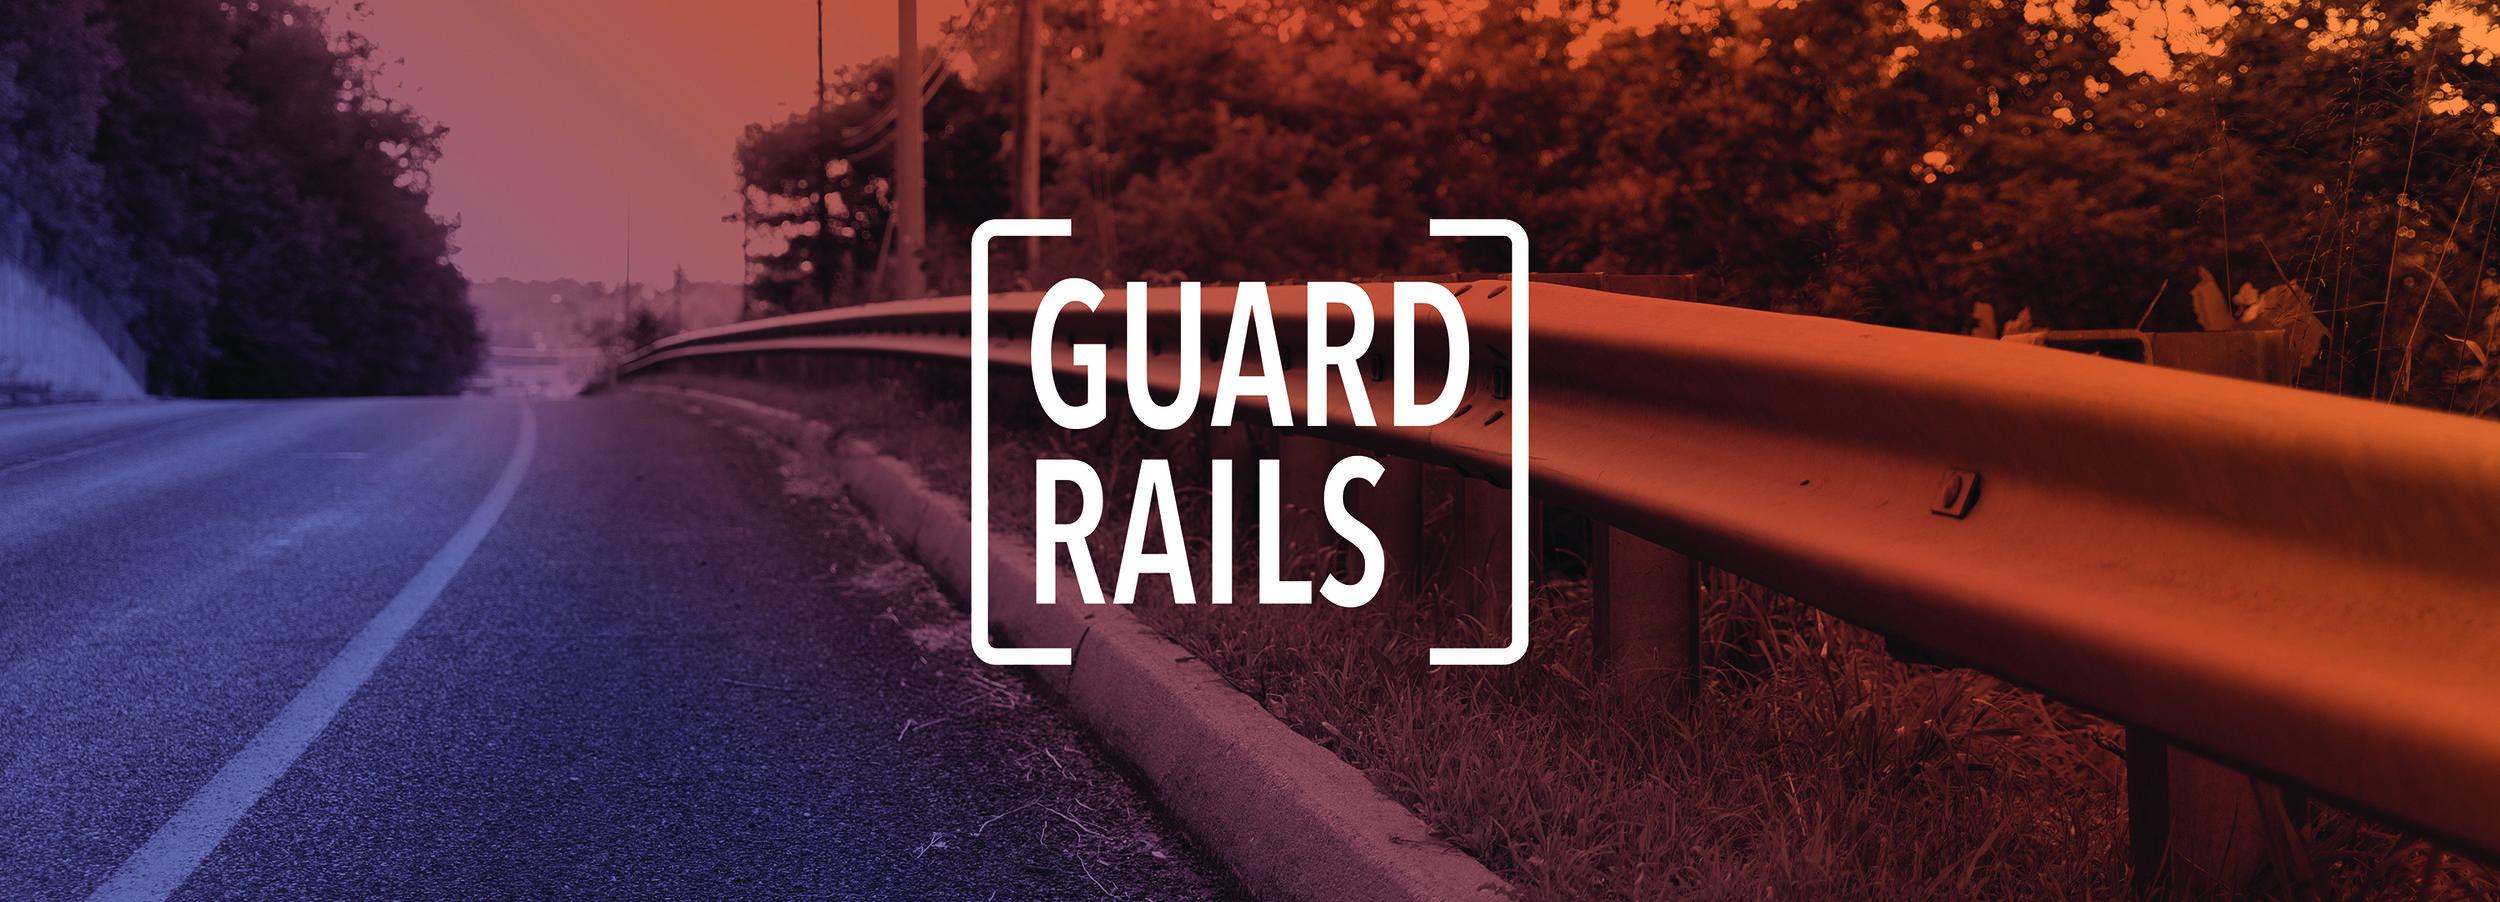 Guard Rails 1920x692-01.jpg